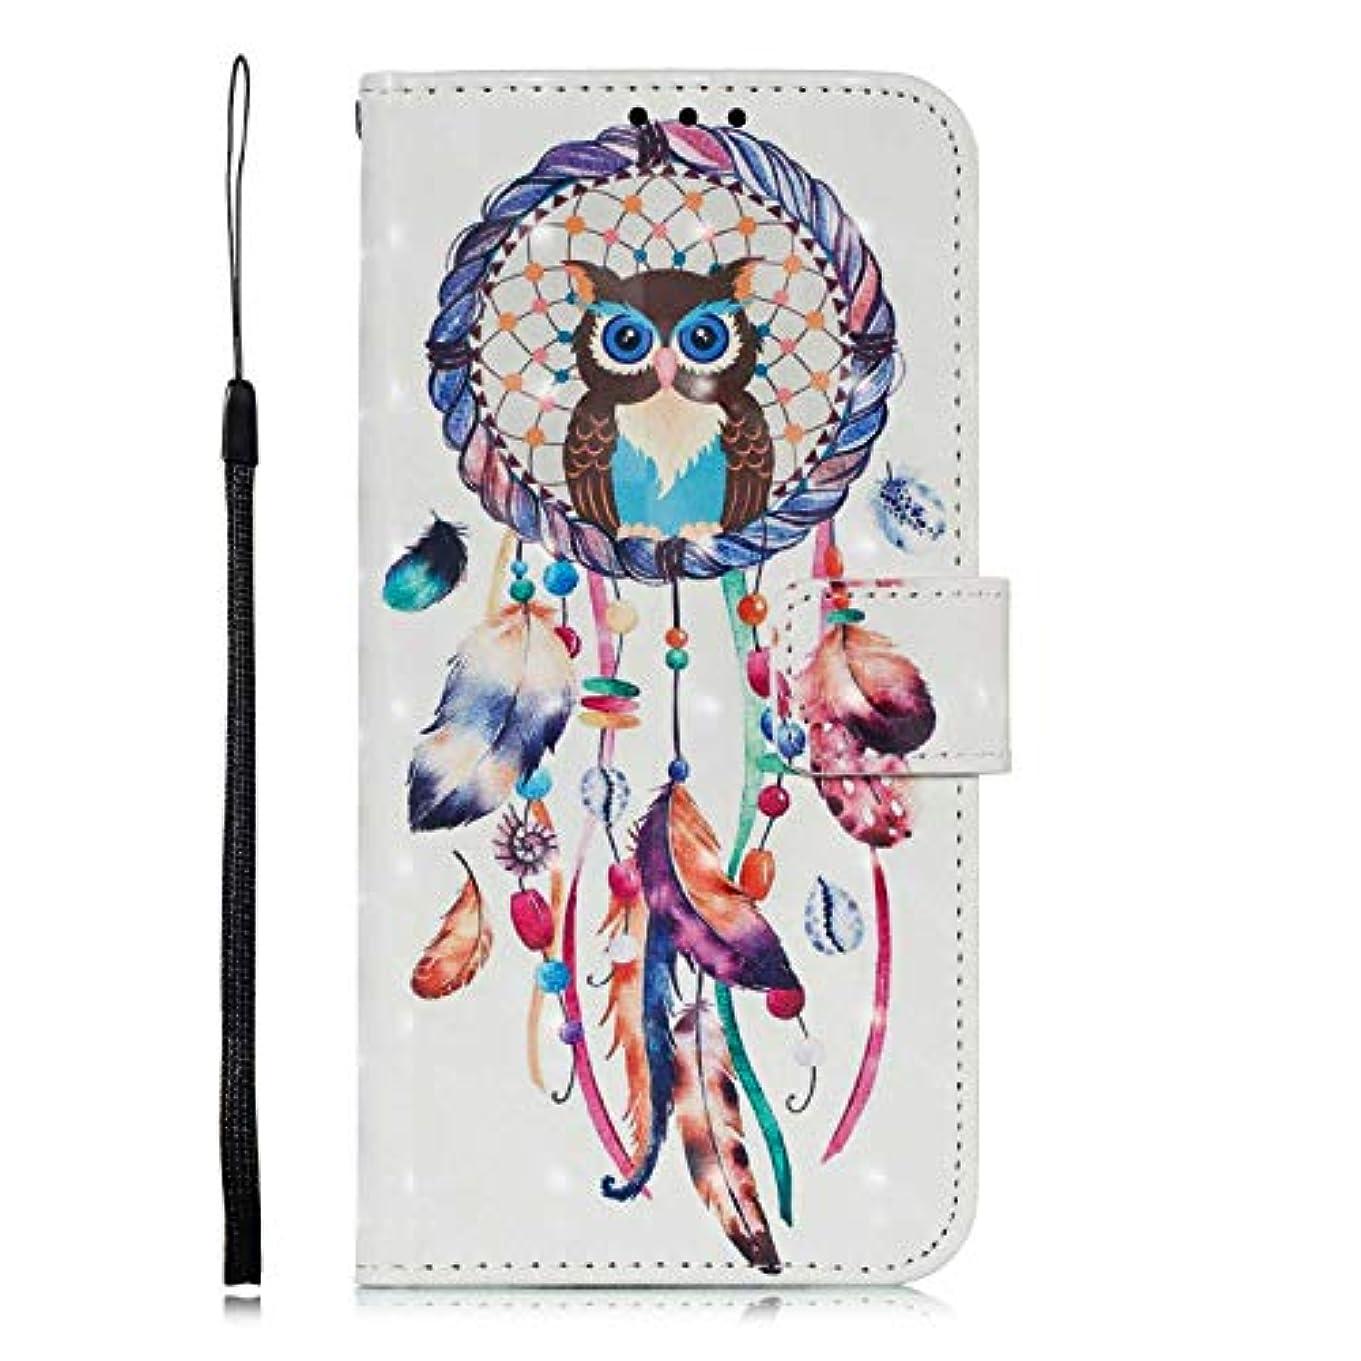 風景マイコンが欲しいOMATENTI Galaxy A8 2018 ケース, ファッション良質 PU レザー 財布型 ケース 薄型 人気 新製品 衝撃吸収 全面保護 スマホケース, 付きスタンド機能, カードホルダー機能 ストラップ付き Galaxy...